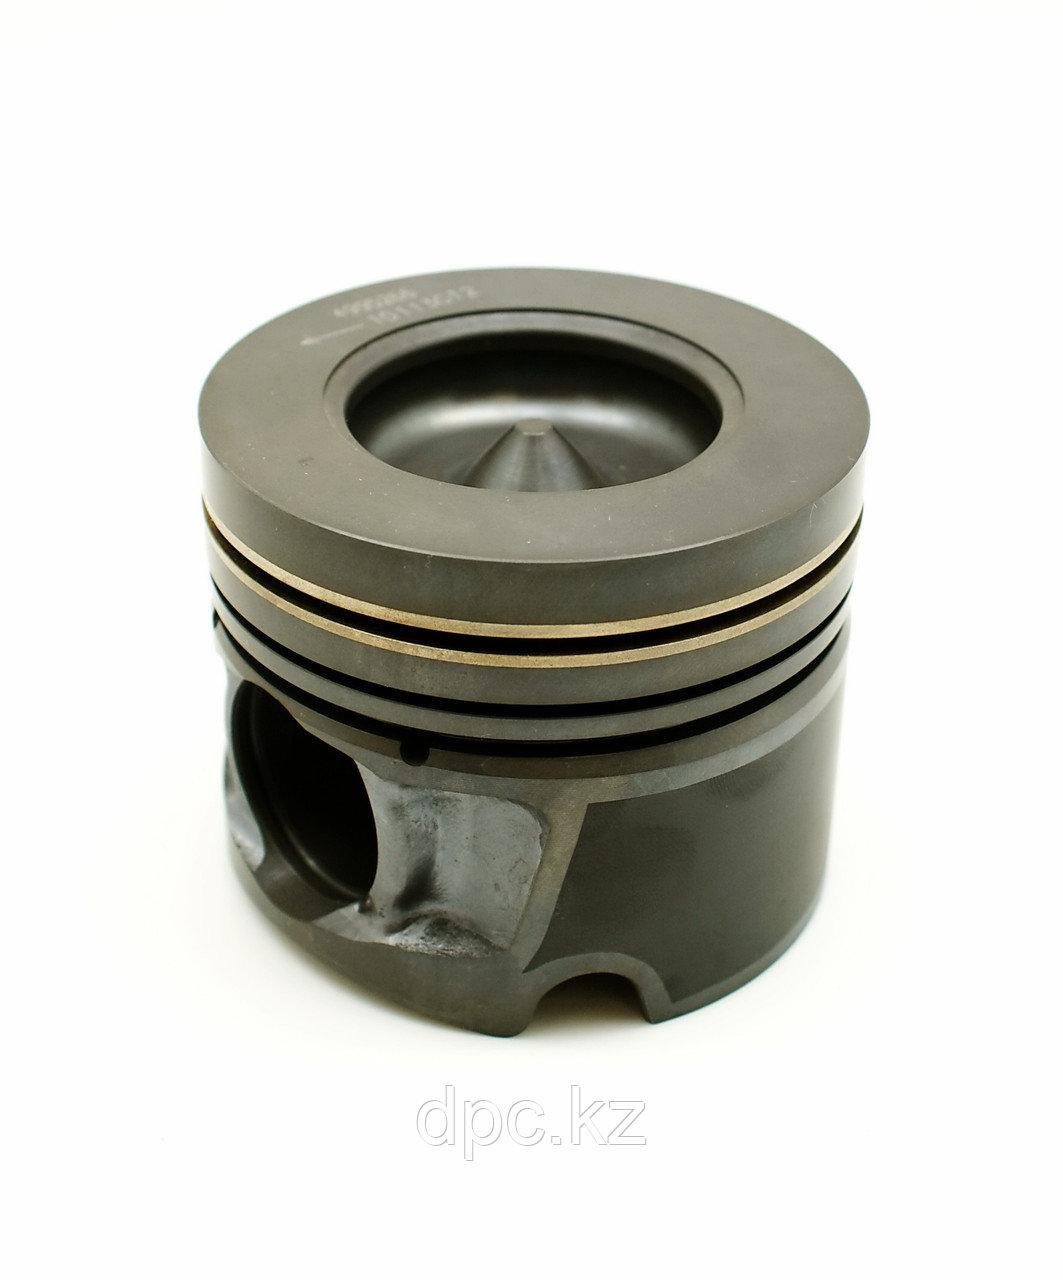 Поршень двигателя Cummins ISF 2,8L 4995266 4309425 для Газели-Бизнес